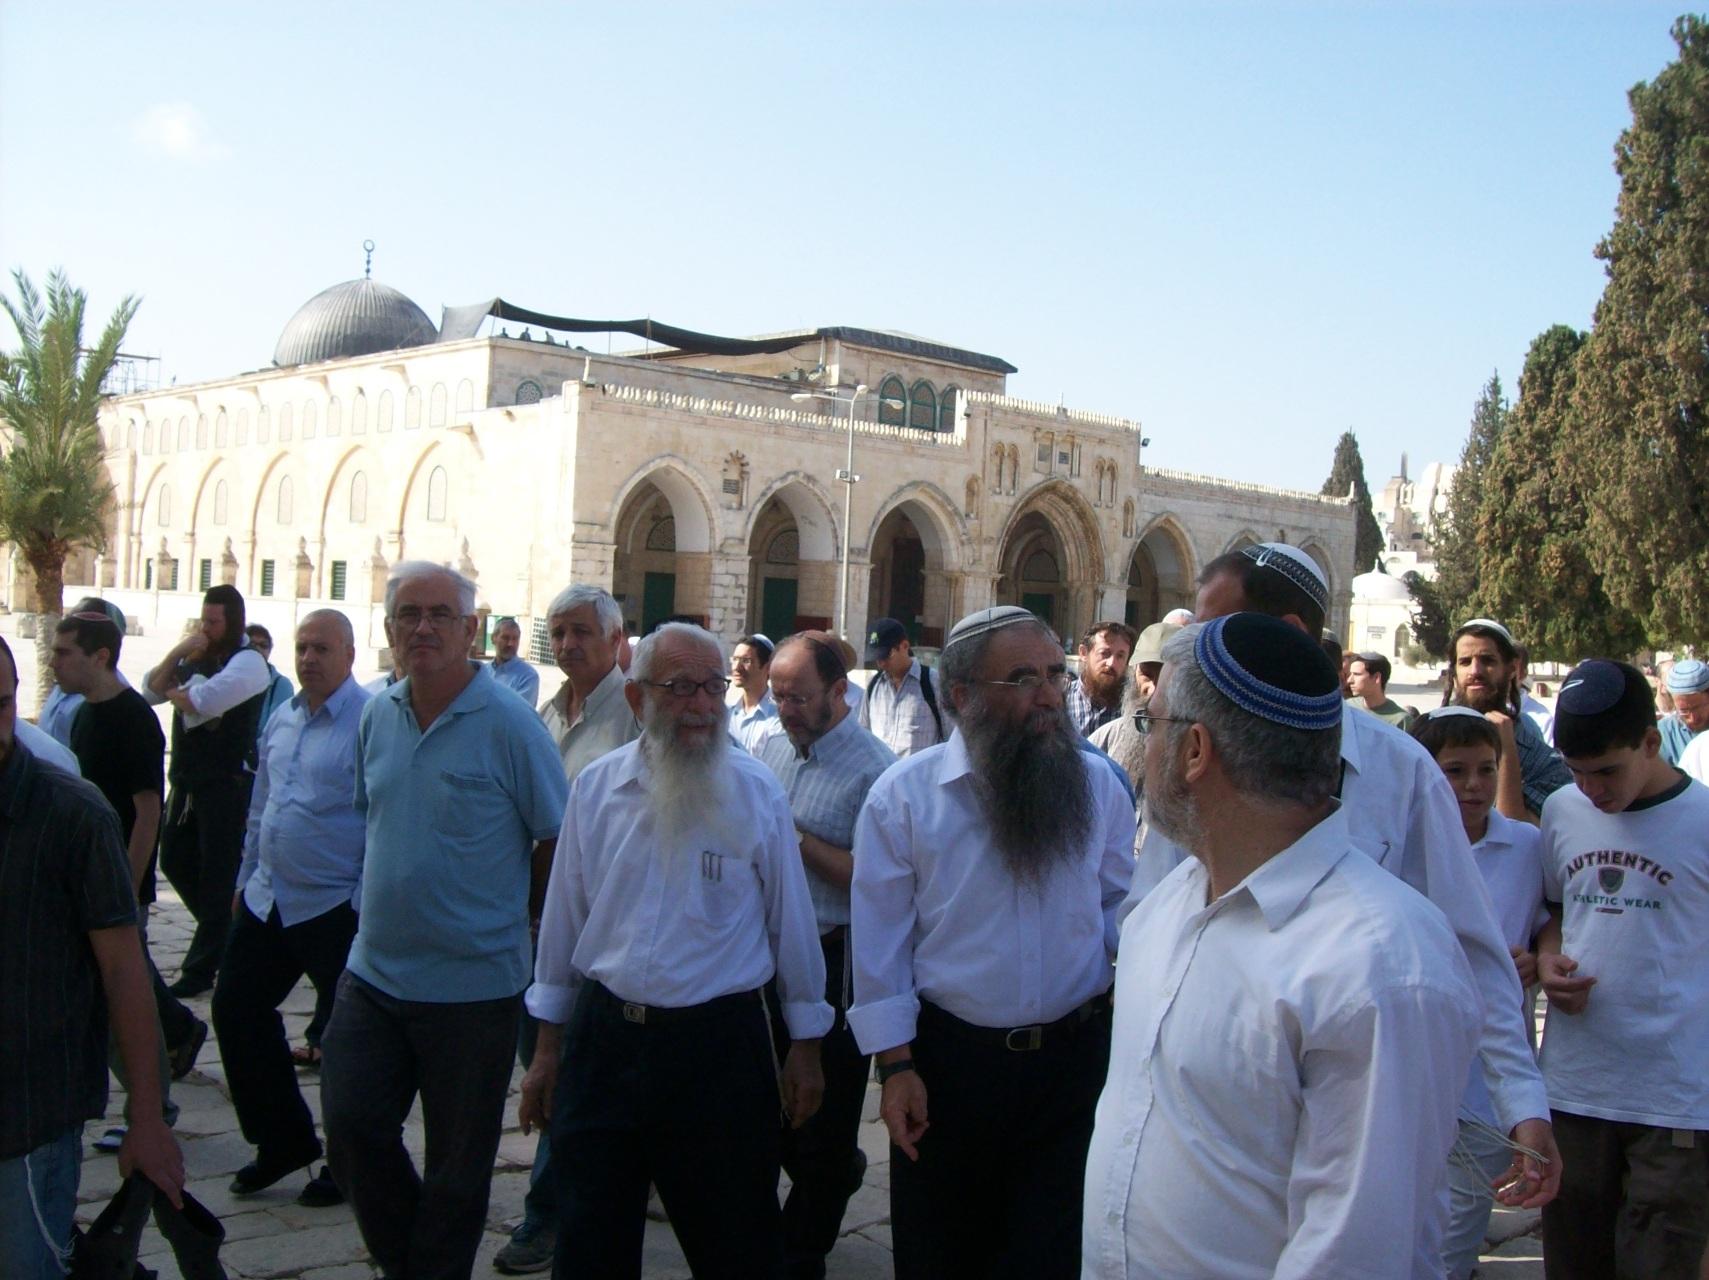 انتخابات الكنيست تلقي بظلالها على الأقصى و965 مستوطنا اقتحموا المسجد